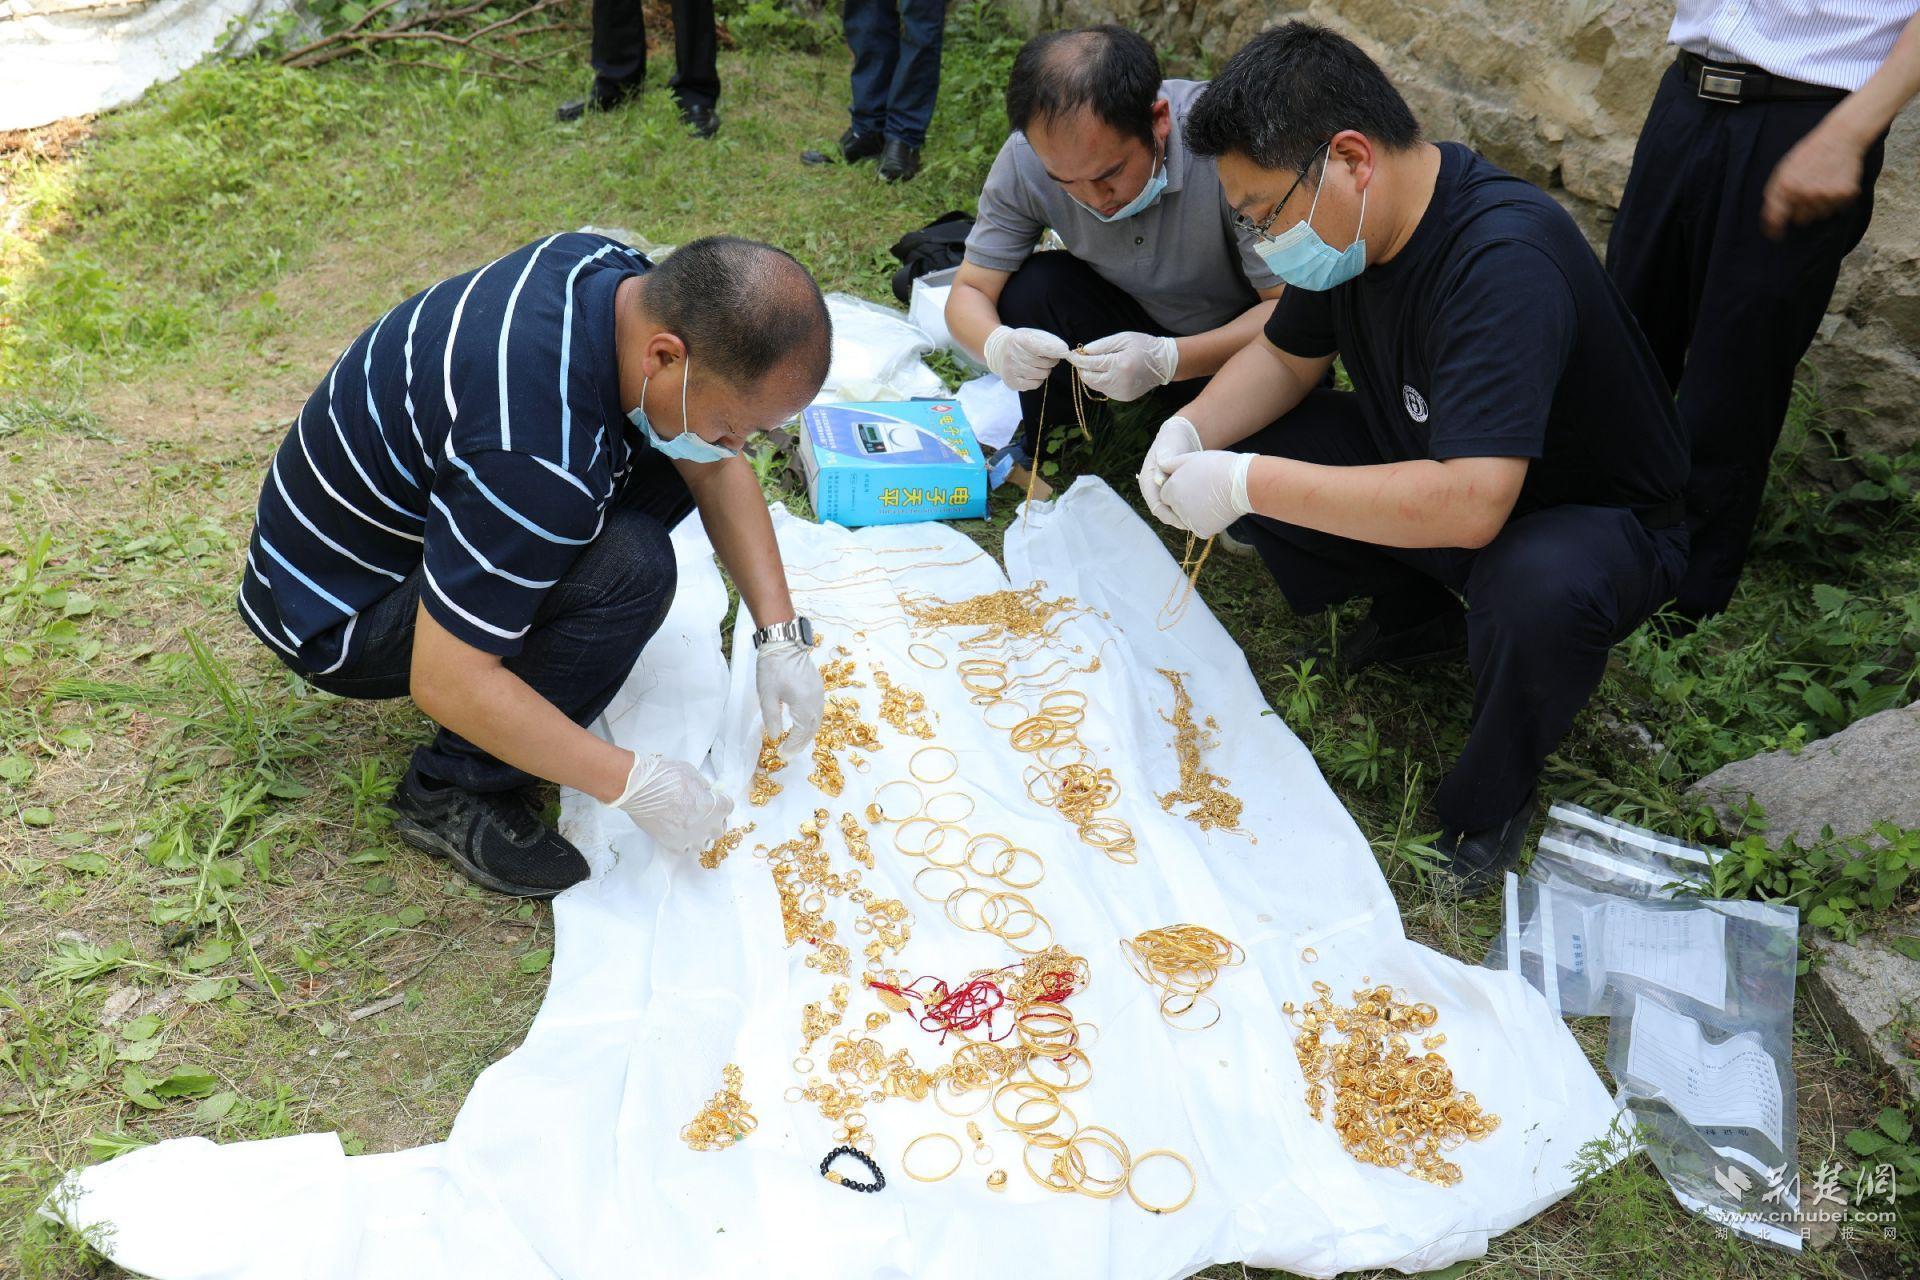 罗田破获建县以来最大盗窃案 追回价值300万元的黄金首饰